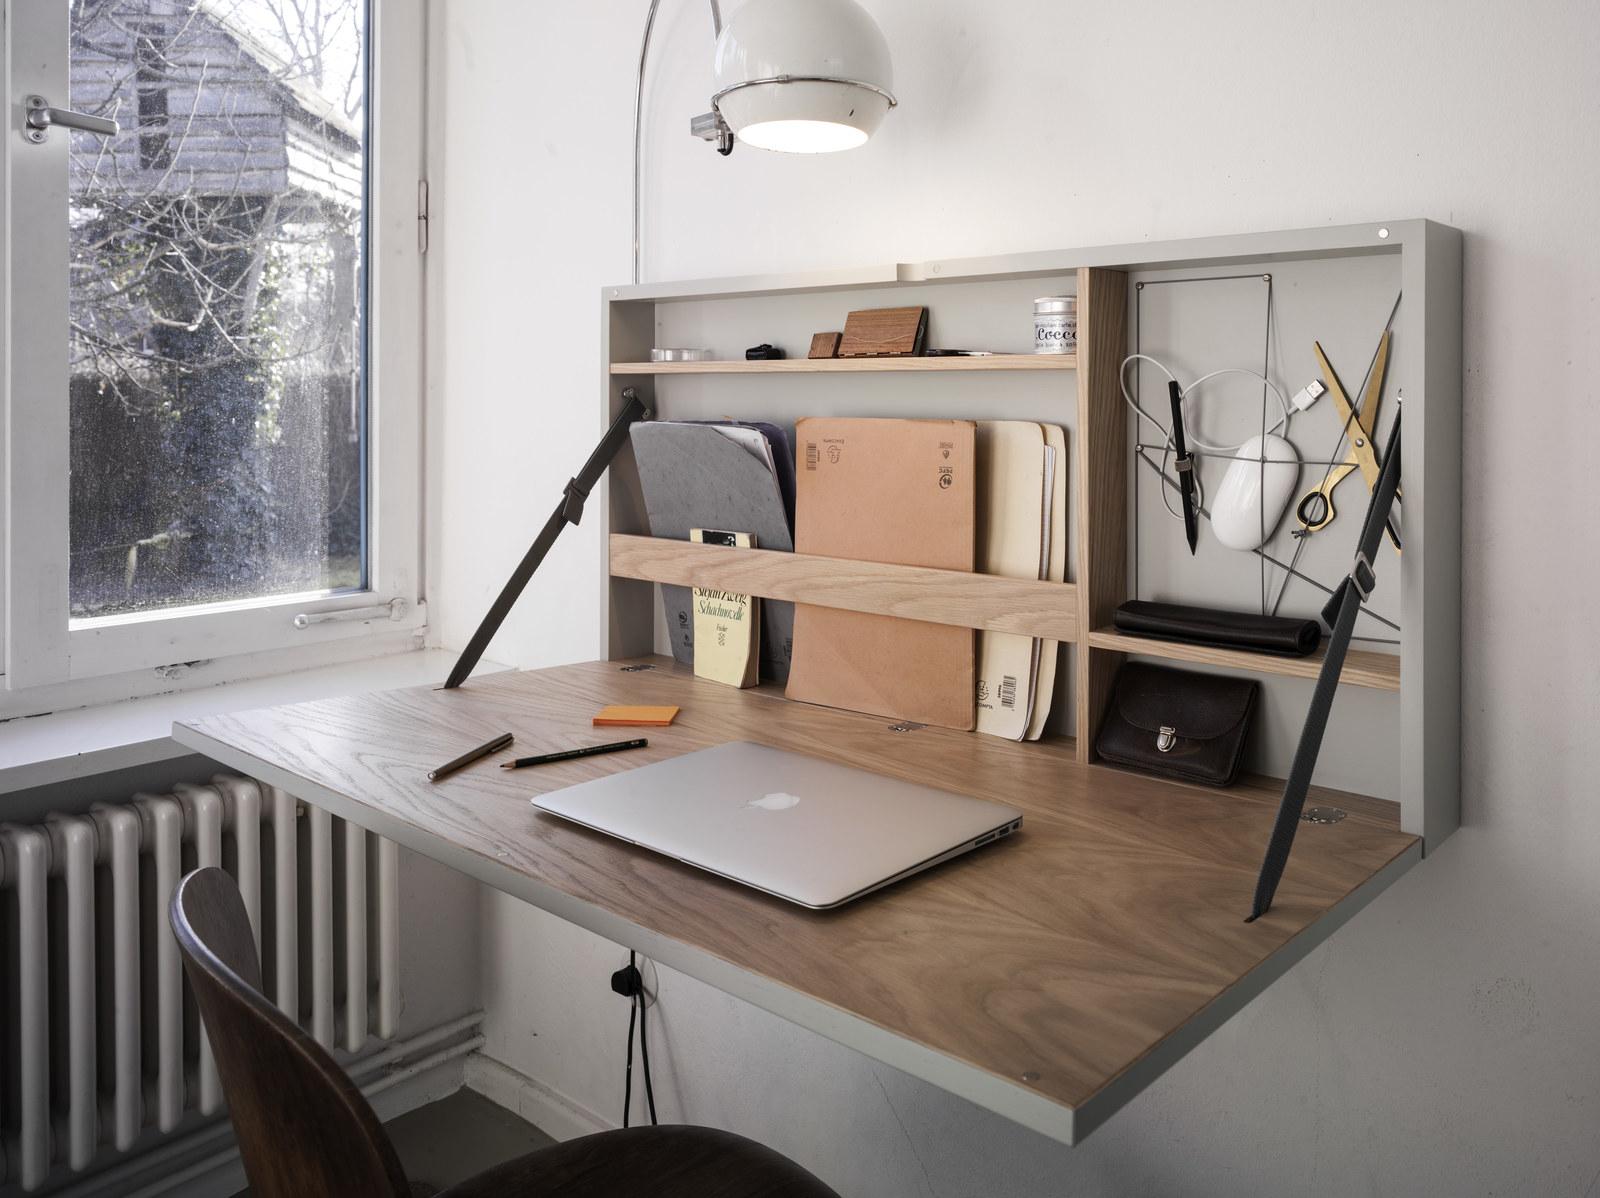 Hochwertig 9. Wie Oft Sitzt Du Wirklich Am Schreibtisch? Wie Wäre Es Mit Dieser Super  Eleganten Klapp Lösung?